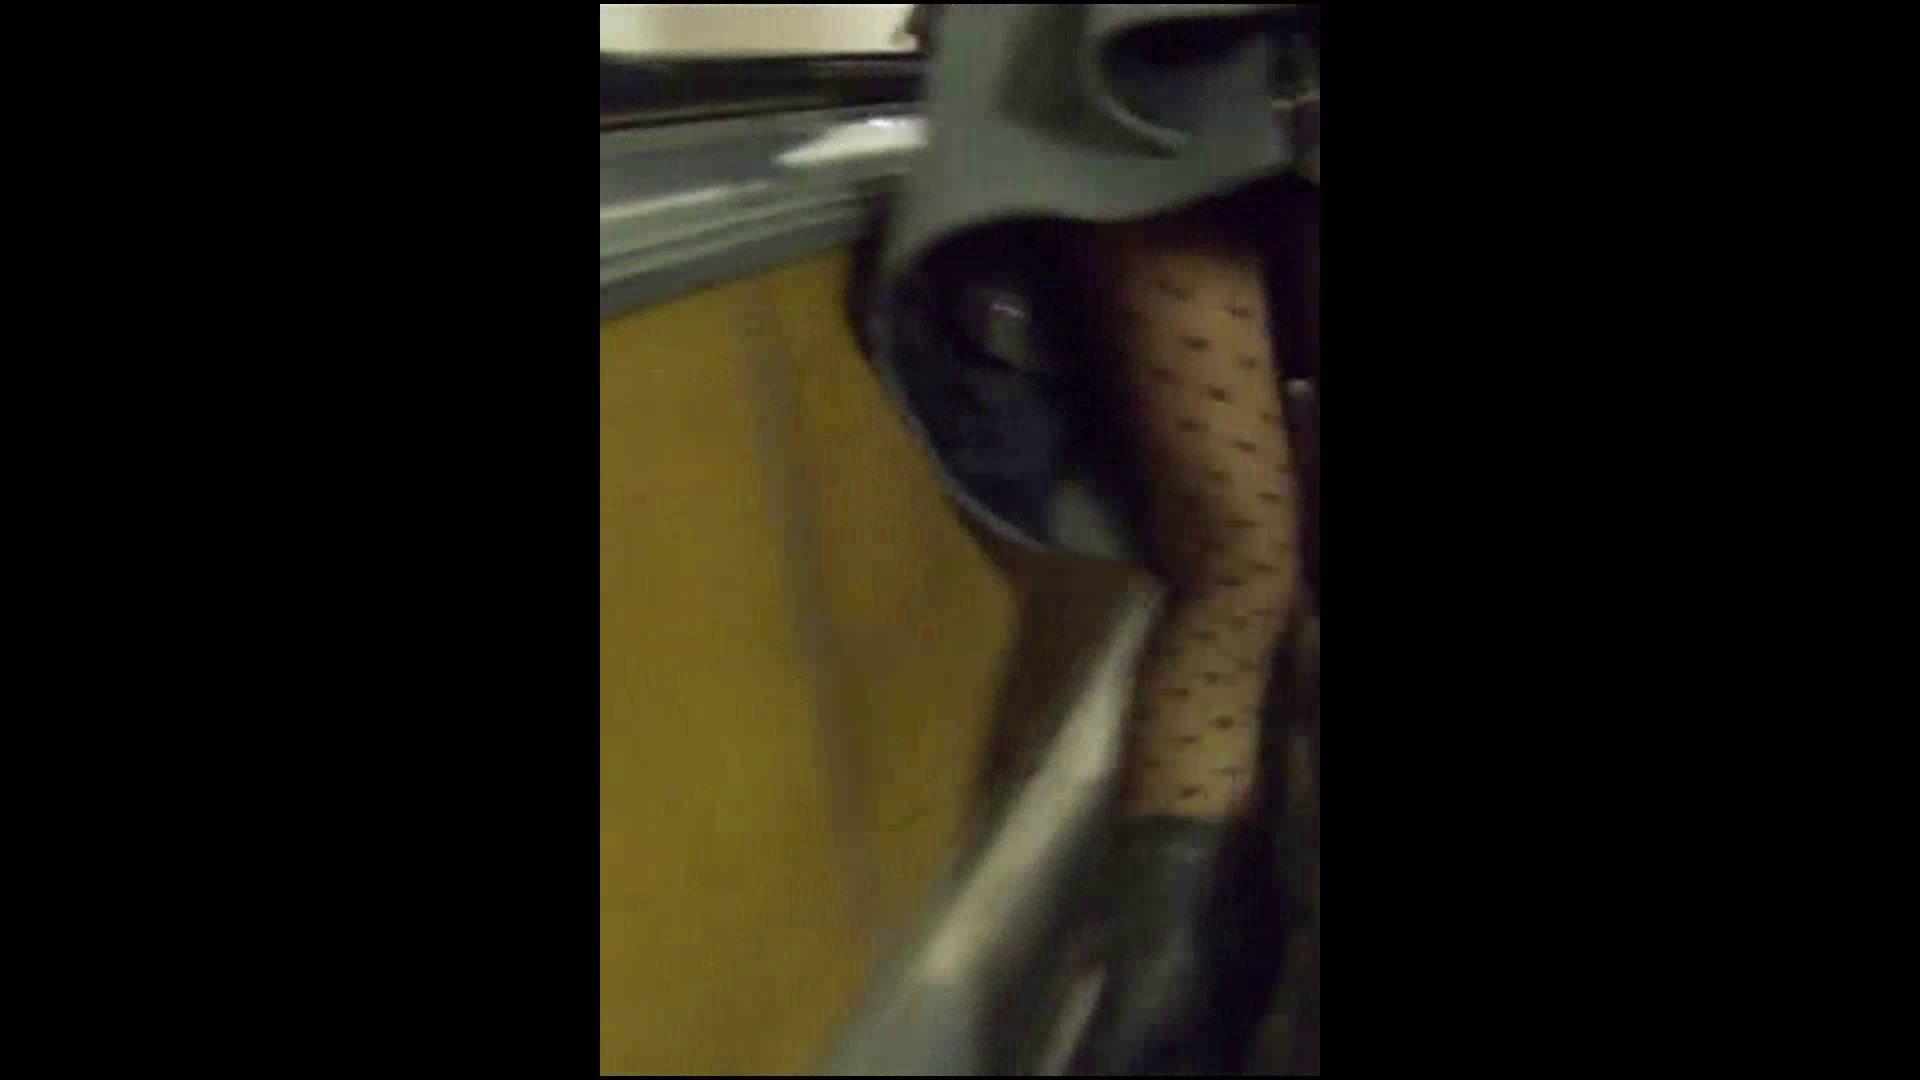 綺麗なモデルさんのスカート捲っちゃおう‼vol05 お姉さんのエロ動画   0  102PIX 93